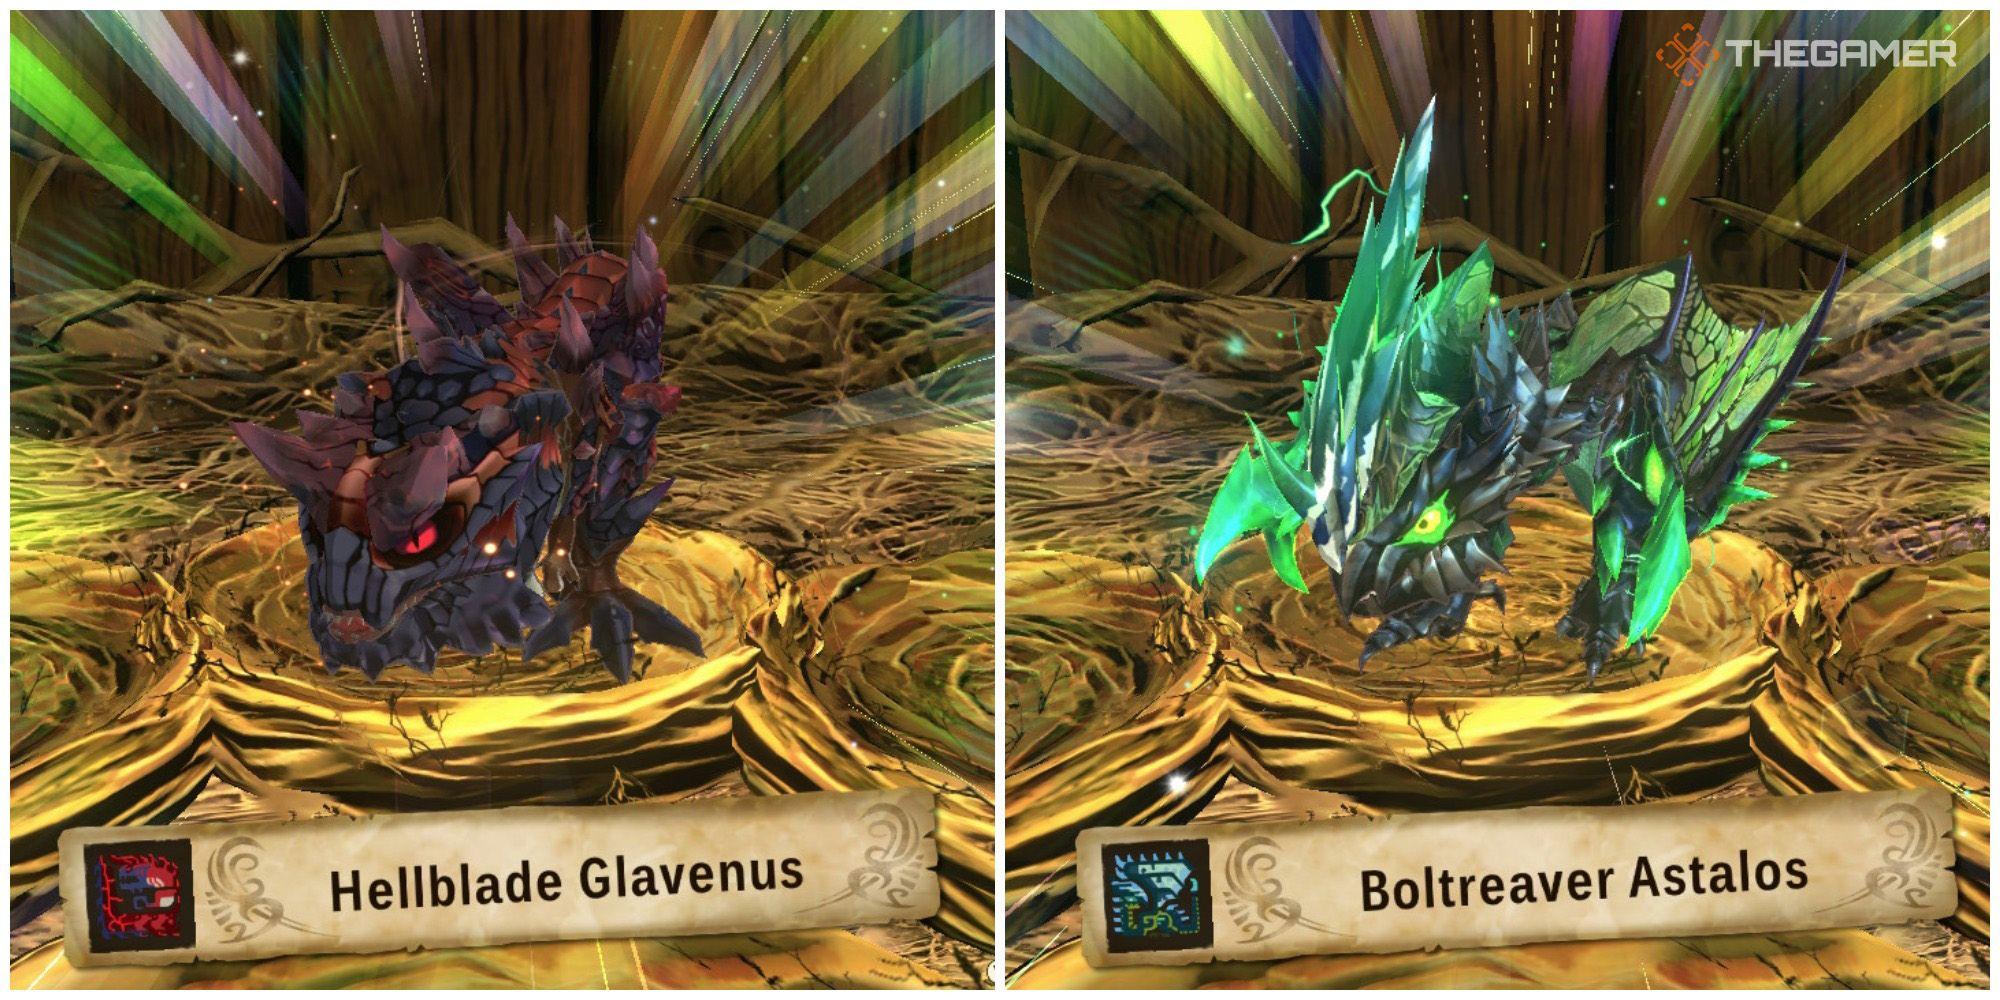 Monster Hunter Stories 2: Cómo obtener Hellblade Glavenus y Boltreaver Astalos